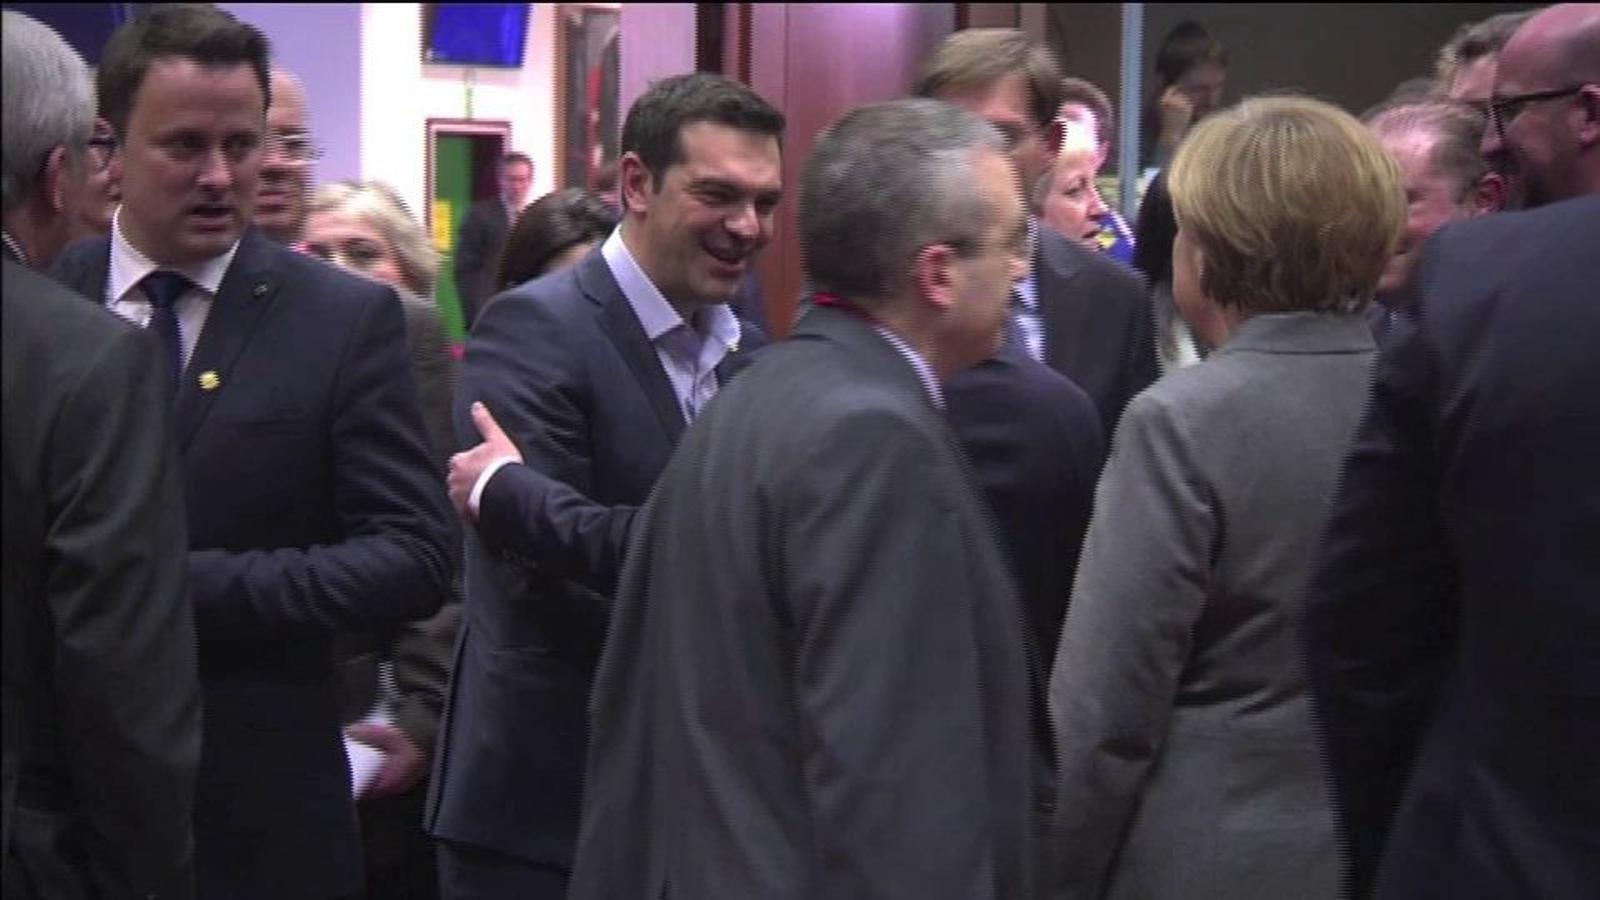 La salutació i breu conversa entre Tsipras i Merkel a l'Eurogrup